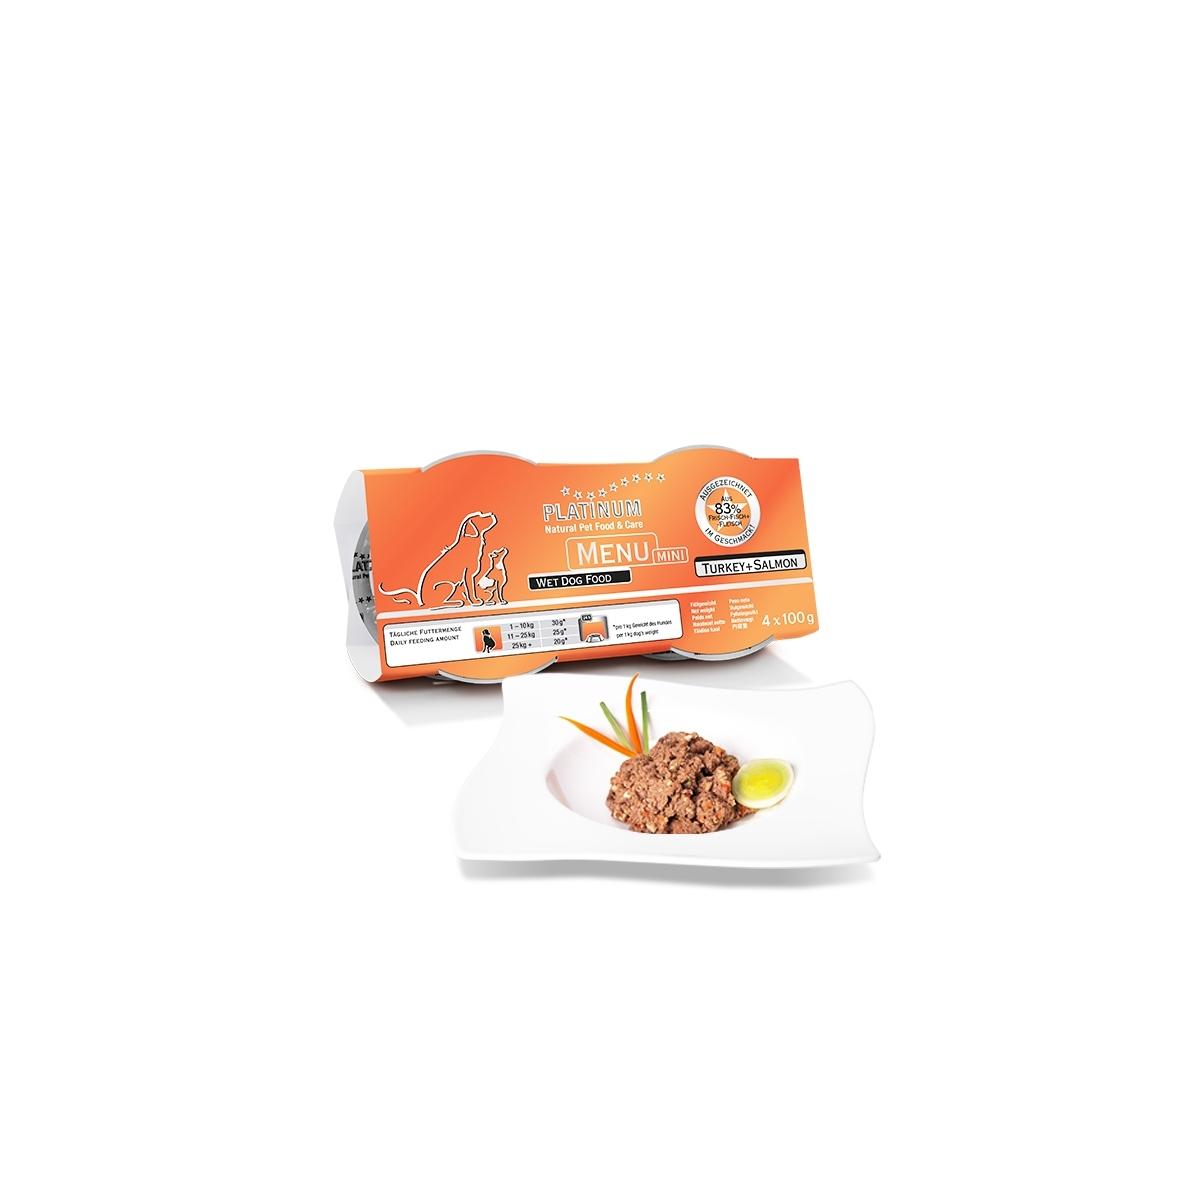 MENU Mini Turkey+Salmon